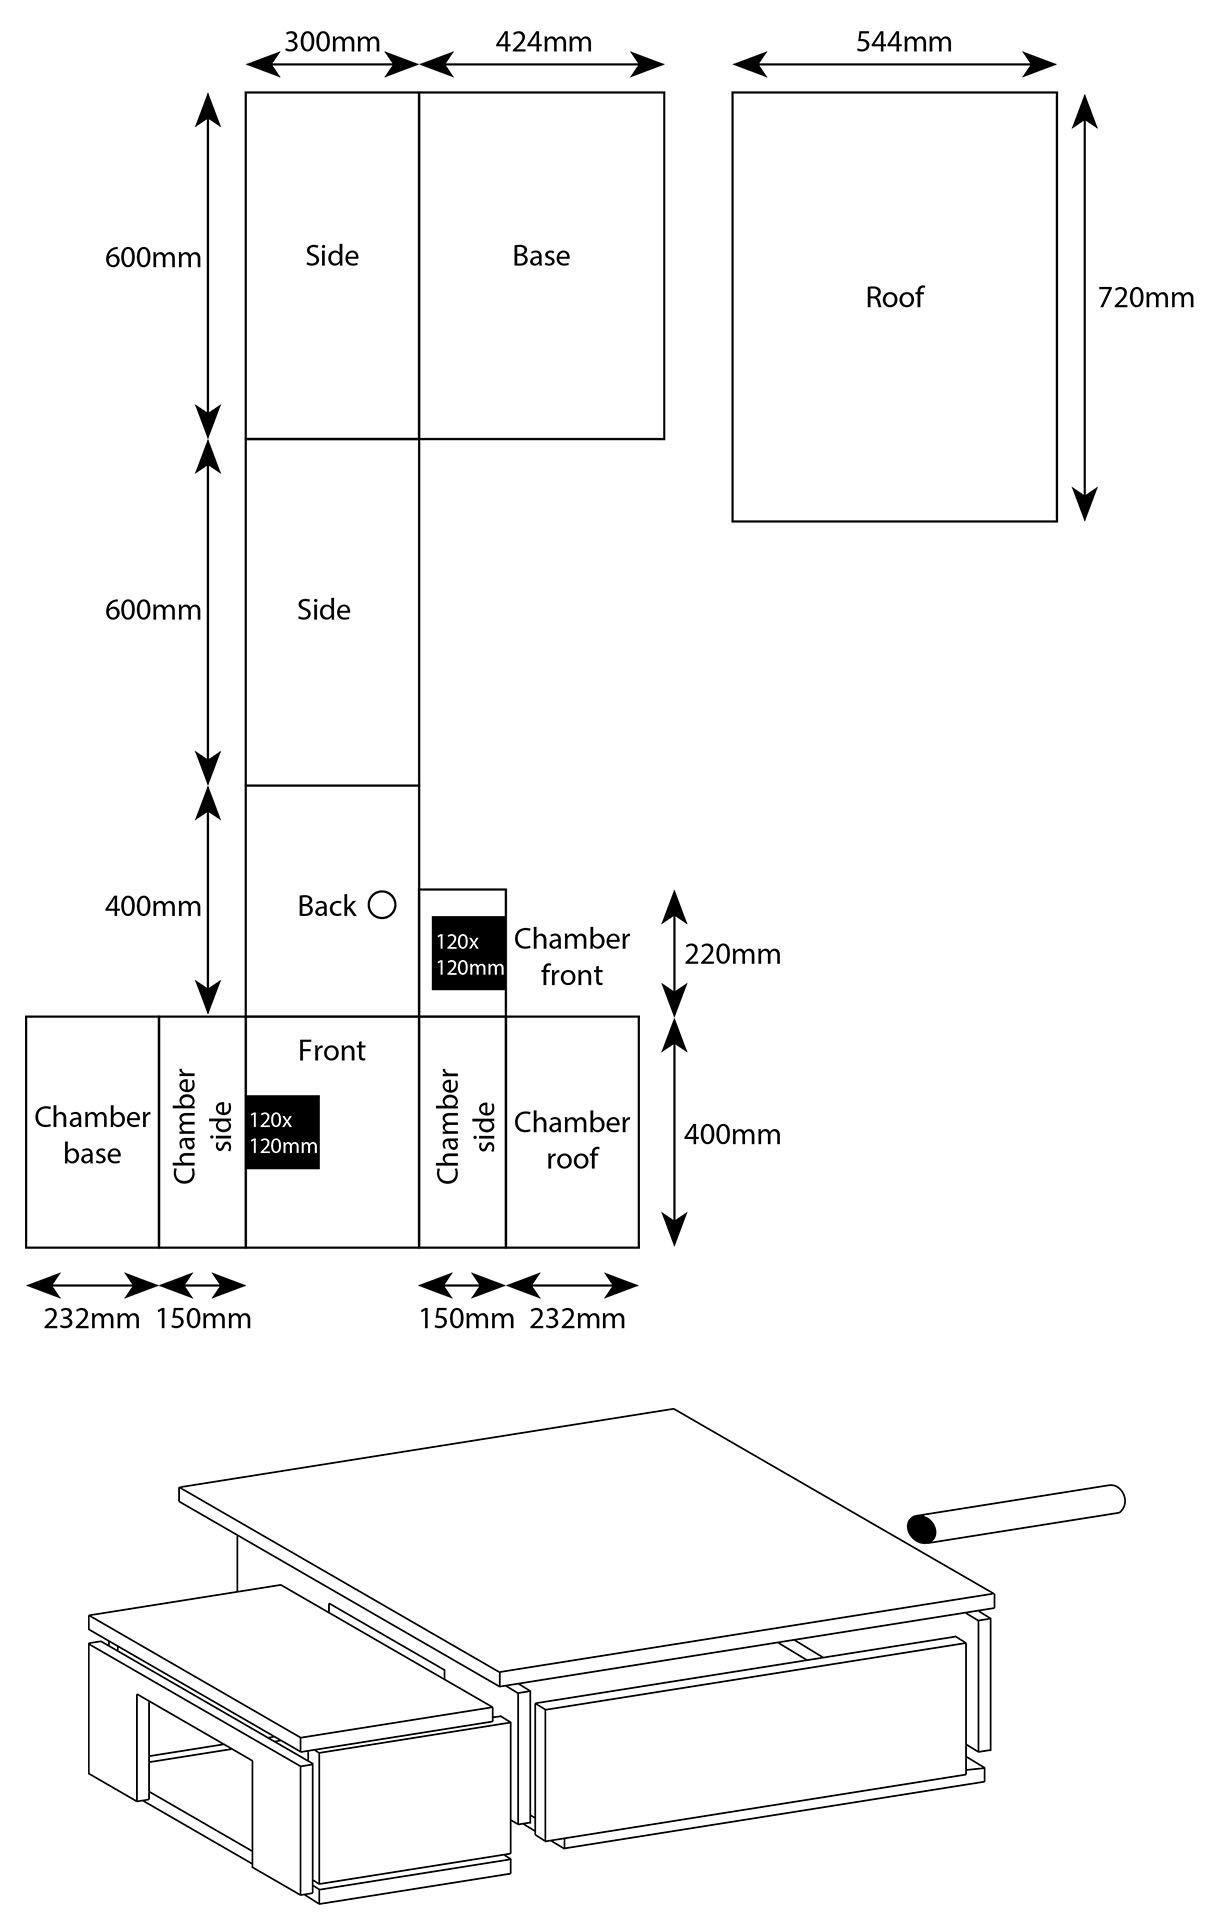 Image result for diy hedgehog house dimensions Diy